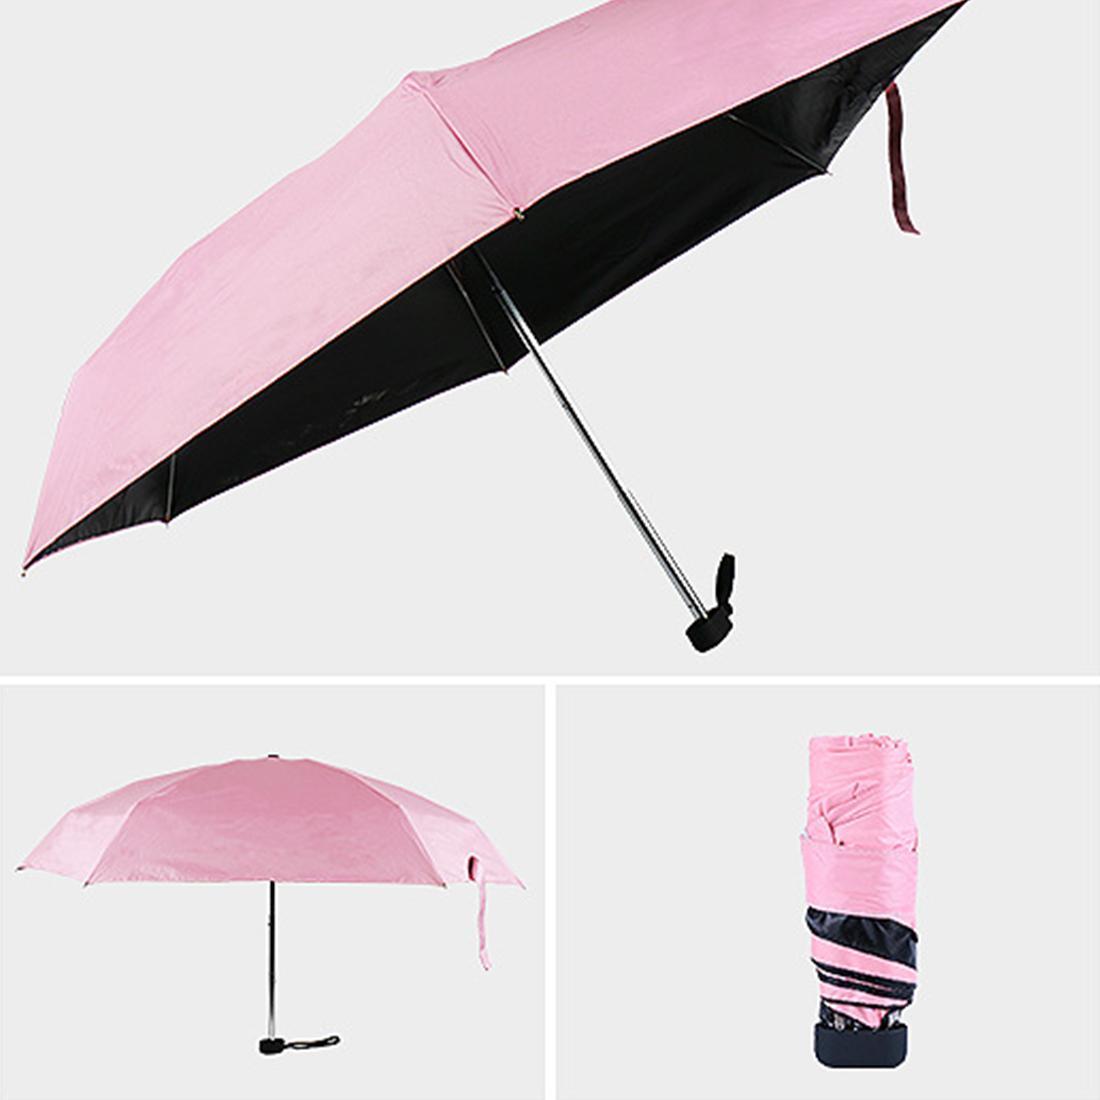 6bbdb5d35f6a Good Mini Pocket Umbrella Women Sunny and Rainy Mini Folding Umbrellas 200g  Small Sun Parasol Umbrella